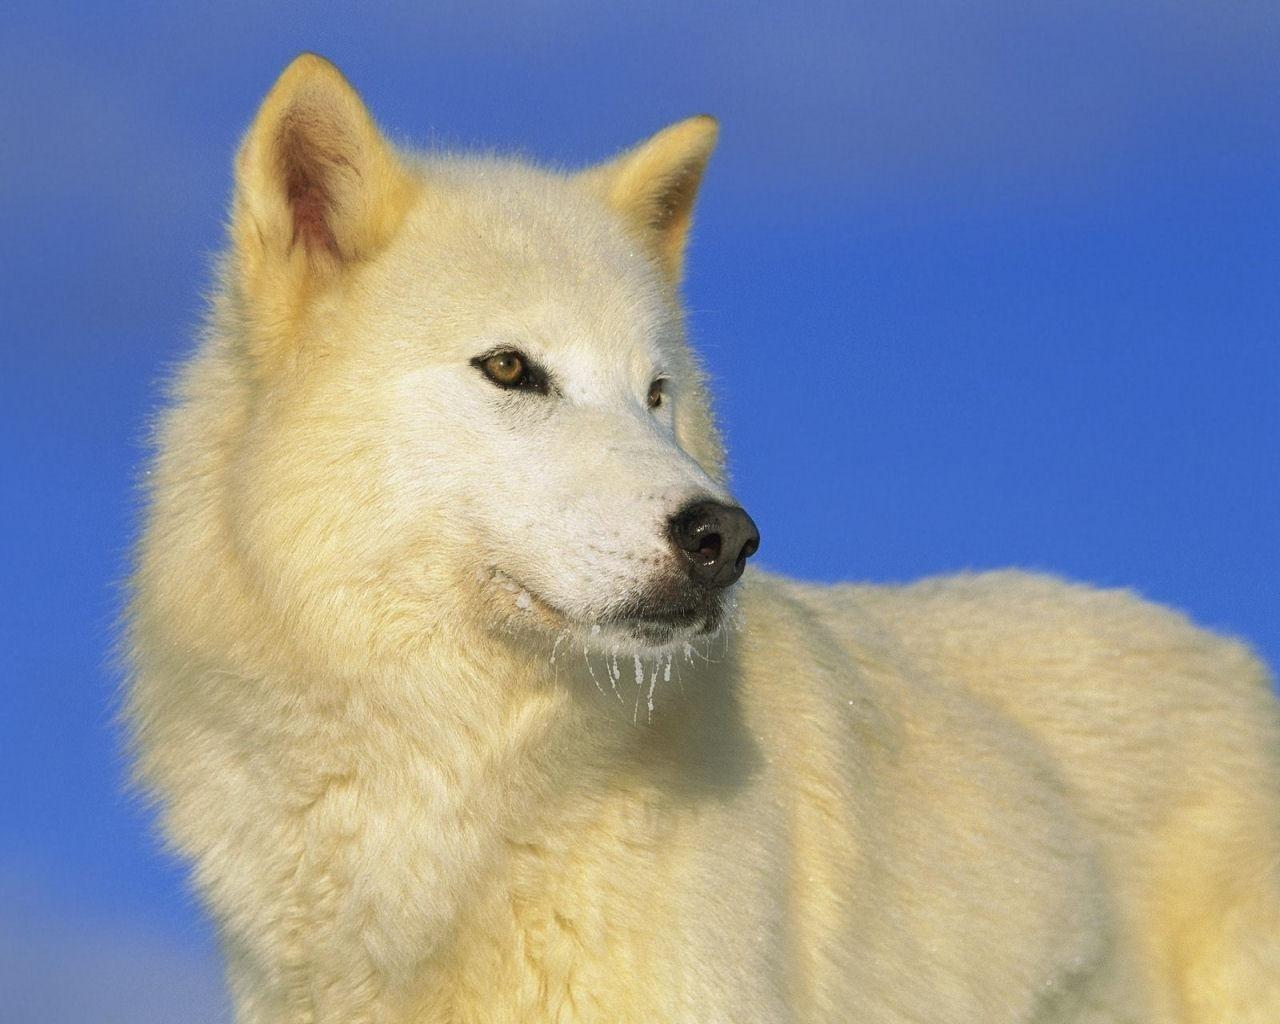 Animales Salvajes [Primera Parte] | Fotos e Imágenes en FOTOBLOG X